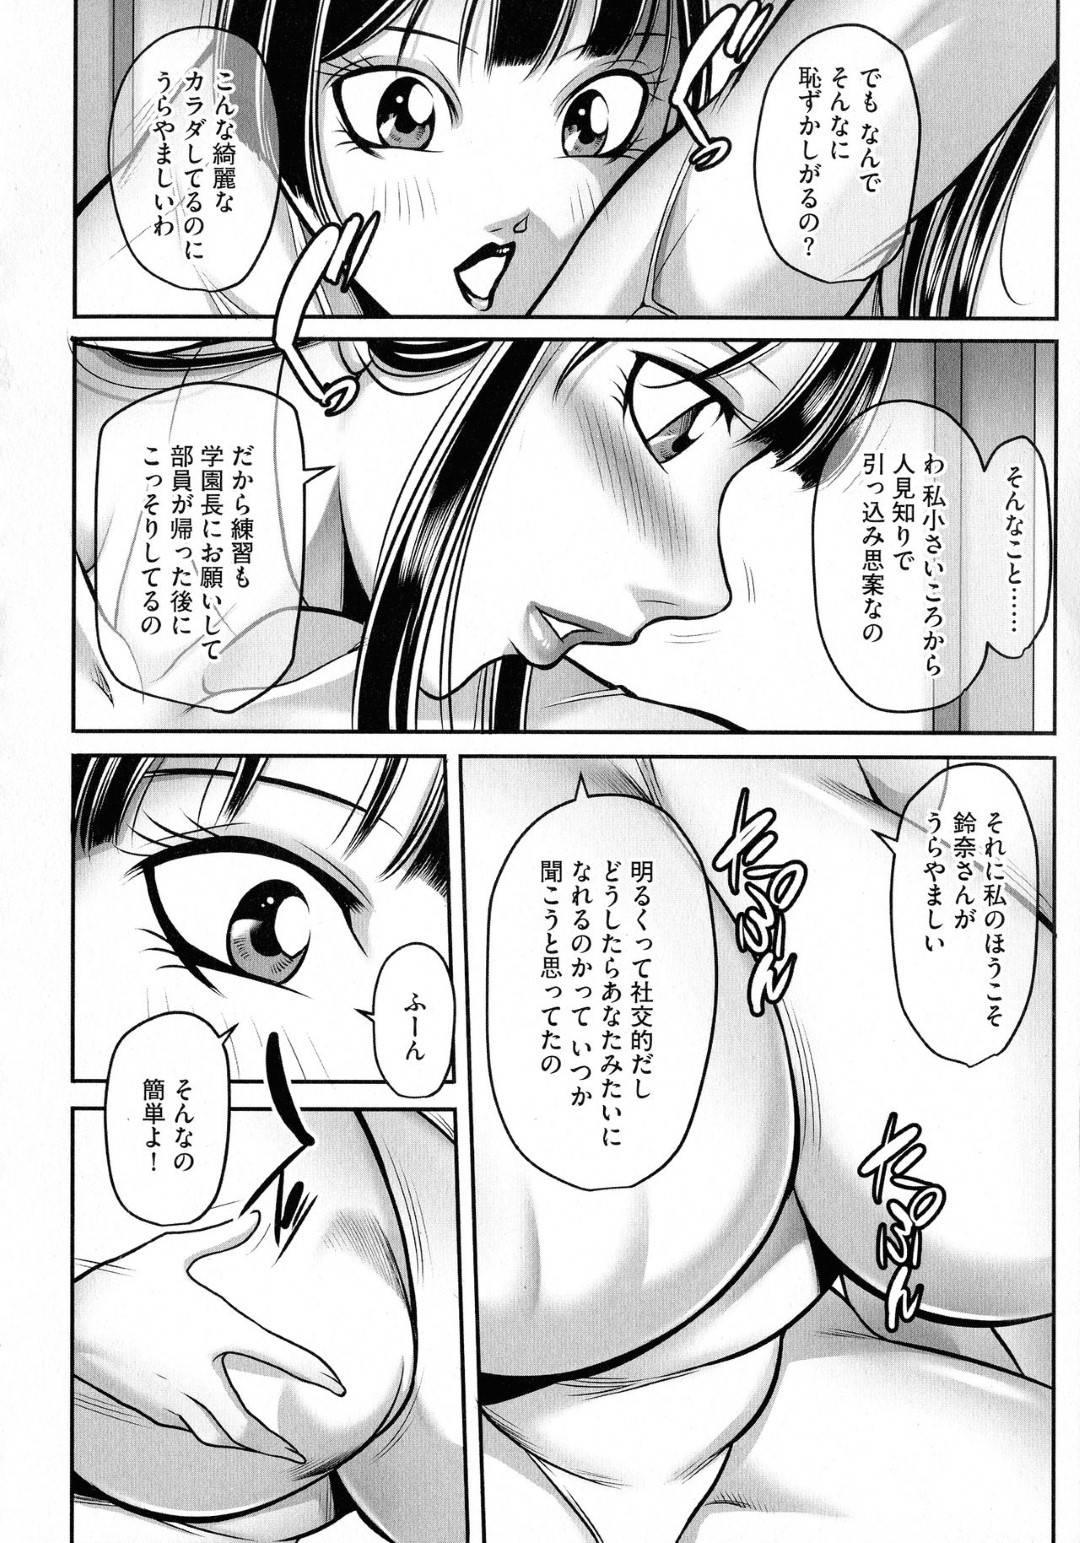 【エロ漫画】女教師のフリをして校内に紛れ込む男の娘にセクハラされるレオタード教師は目隠しレイプされてしまう【茜しゅうへい/ボクがかわりにイッてやる!第3話】